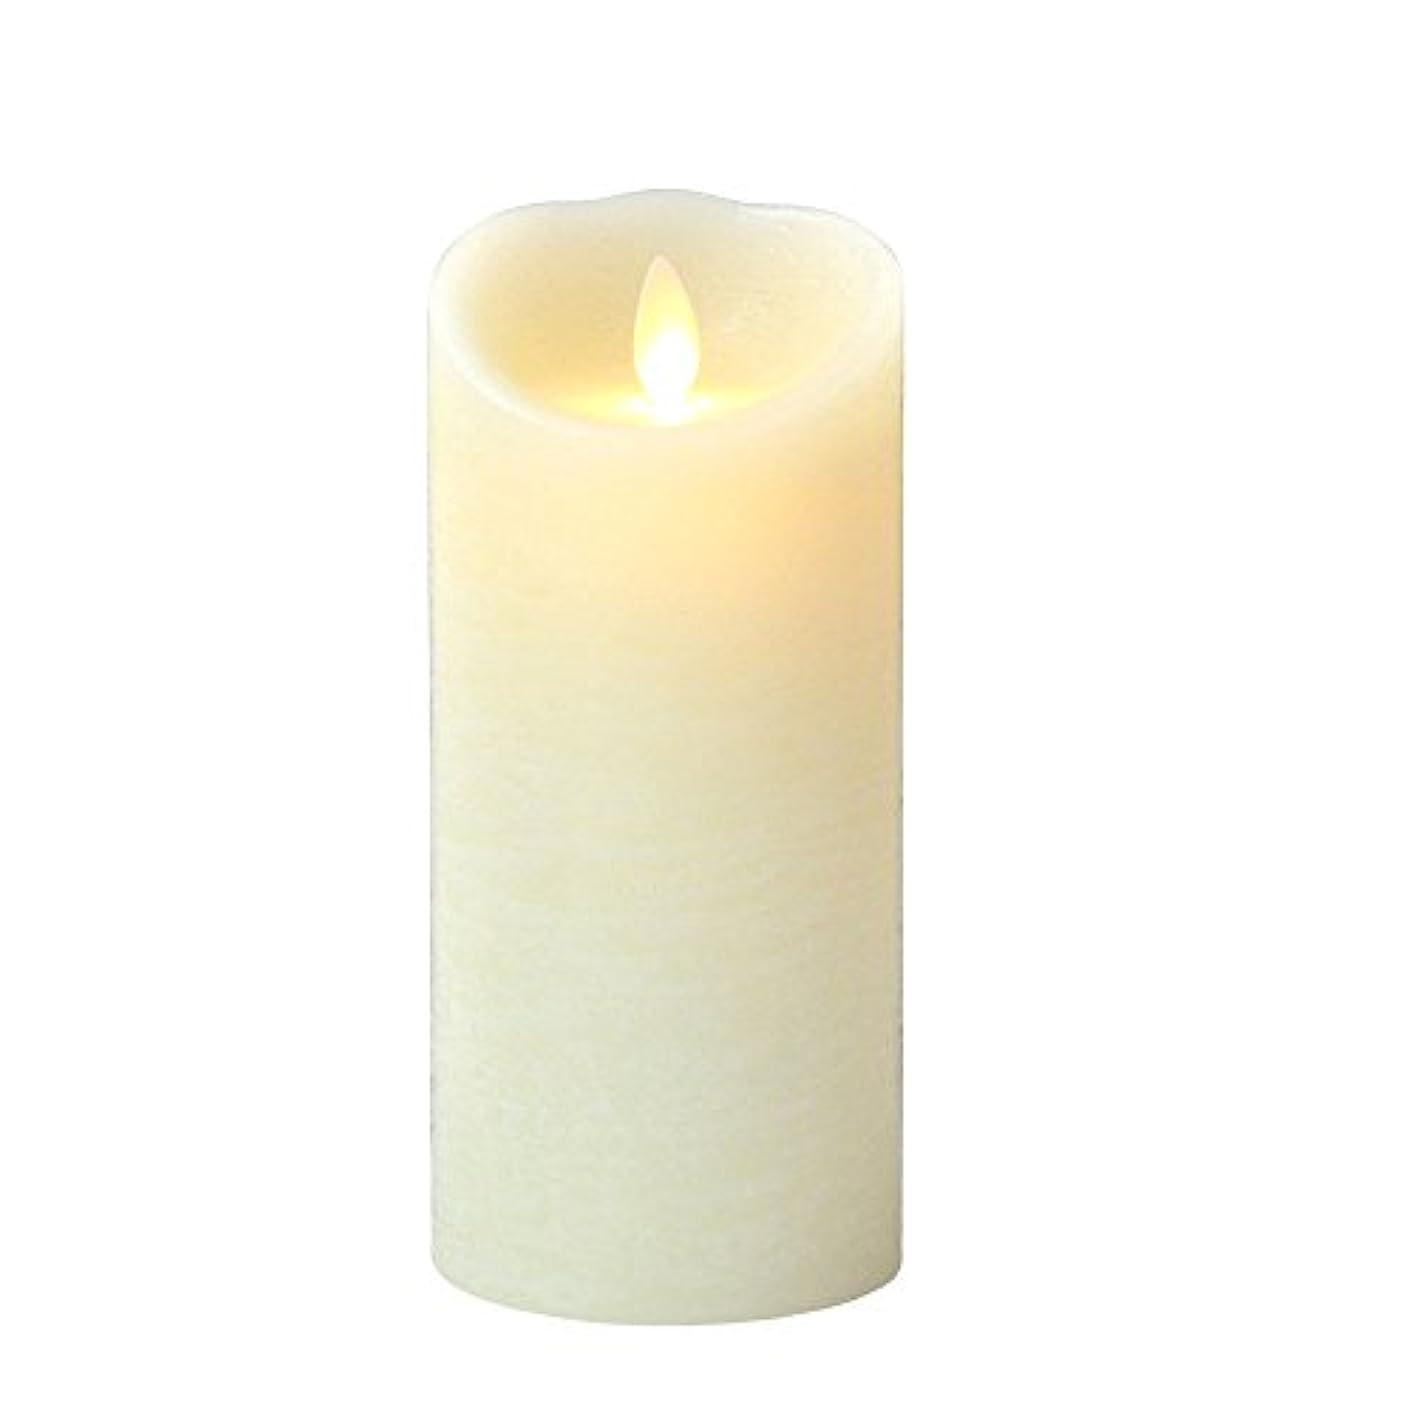 ヒューム原油屈辱する癒しの香りが素敵な間接照明! LUMINARA ルミナラ ピラー3×6 ラスティク B0320-00-20 IV?オーシャンブリーズ